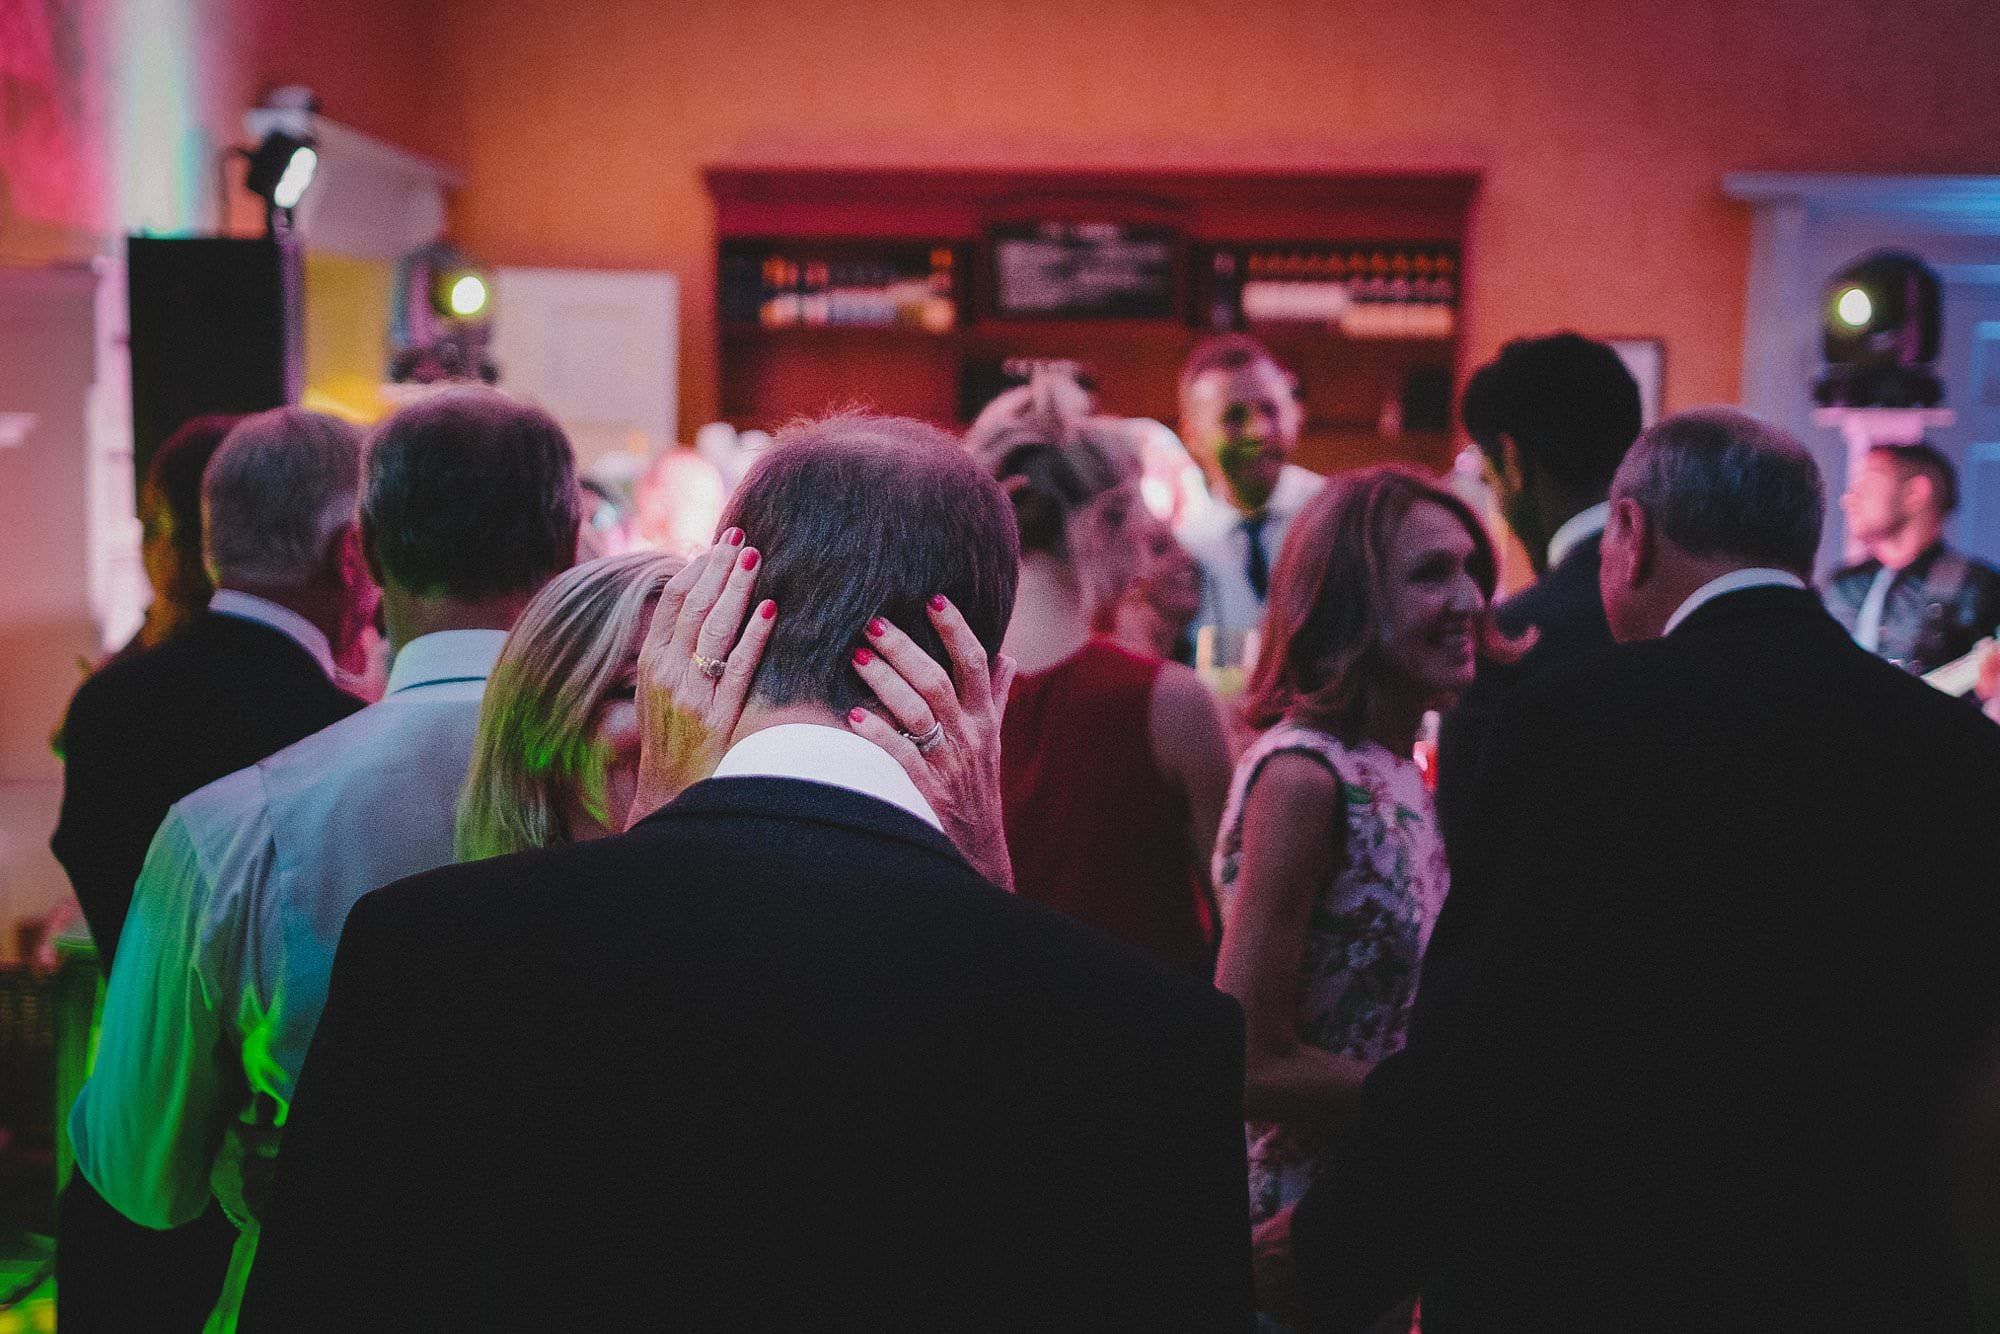 fulham palace wedding photographer 094 - Rosanna & Duncan's Fulham Palace Wedding